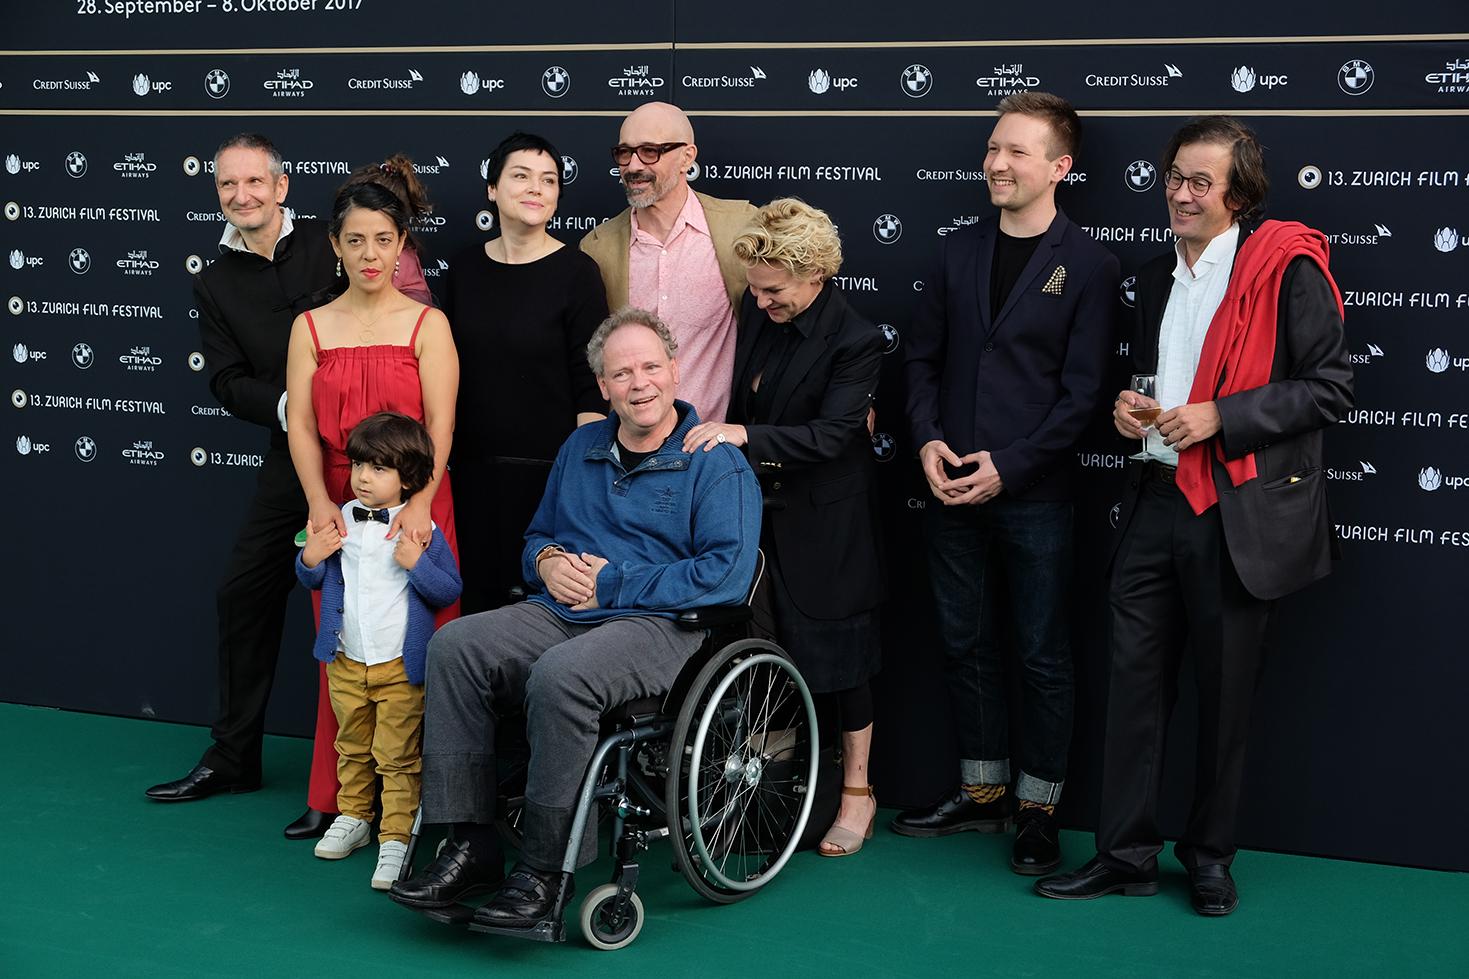 Die Gentrifizierung bin ich, Thomas Haemmerli, Premiere Zurich Film Festival Crew Familie